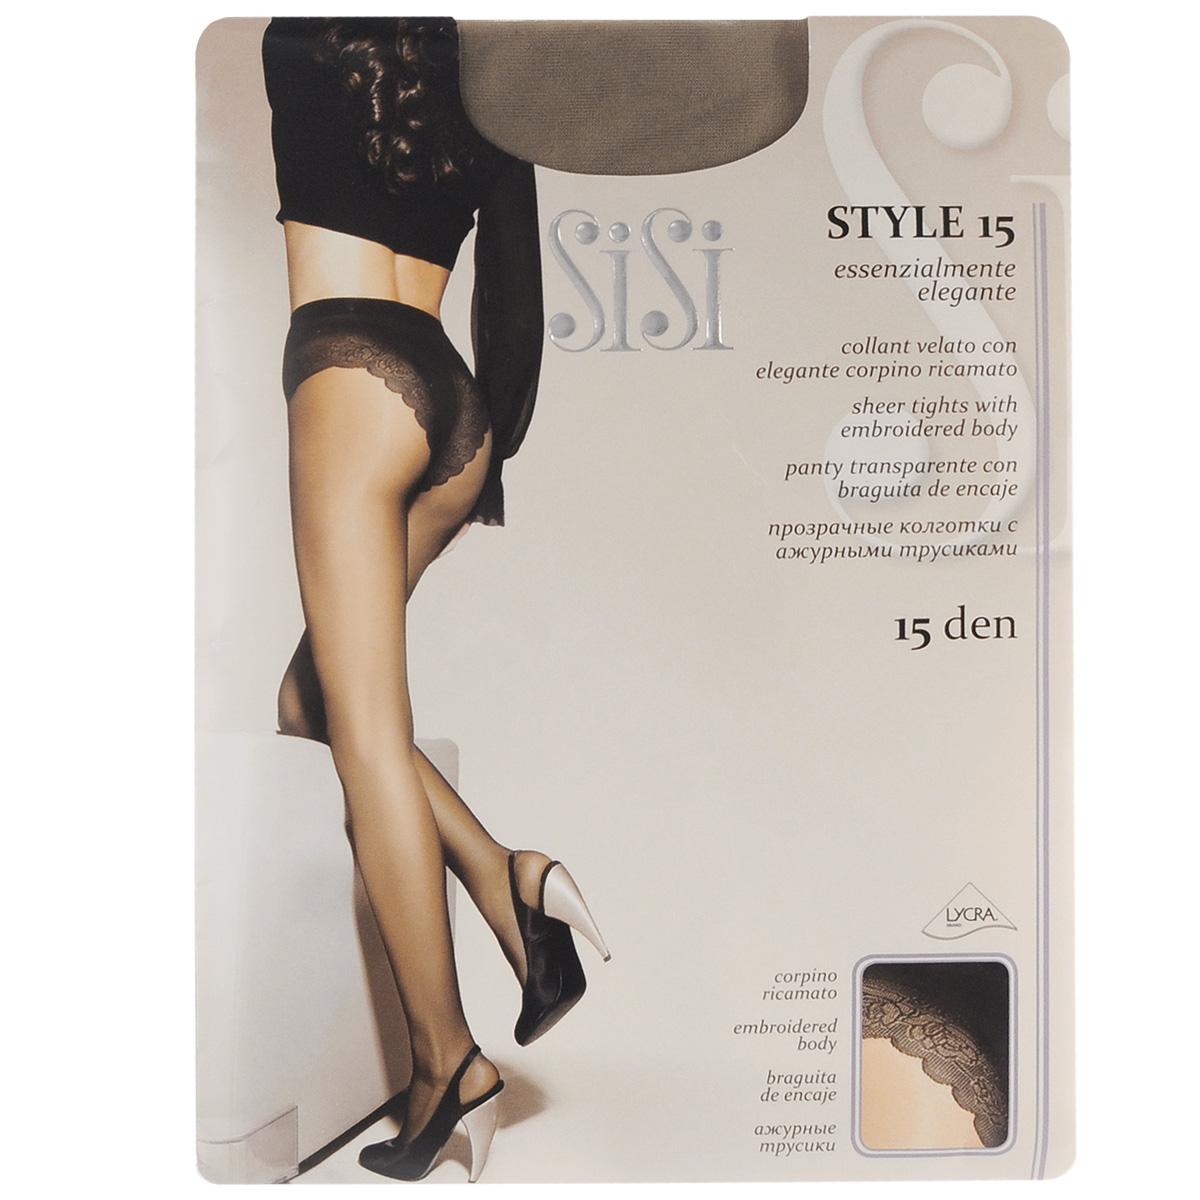 Колготки женские Sisi Style 15, цвет: Daino (бледно-коричневый). 45. Размер 2 (S)45SISIТонкие эластичные колготки Sisi Style с комфортными швами, гигиеничной ластовицей и невидимым мыском. Модель дополнена ажурными трусиками. Плотность: 15 den.